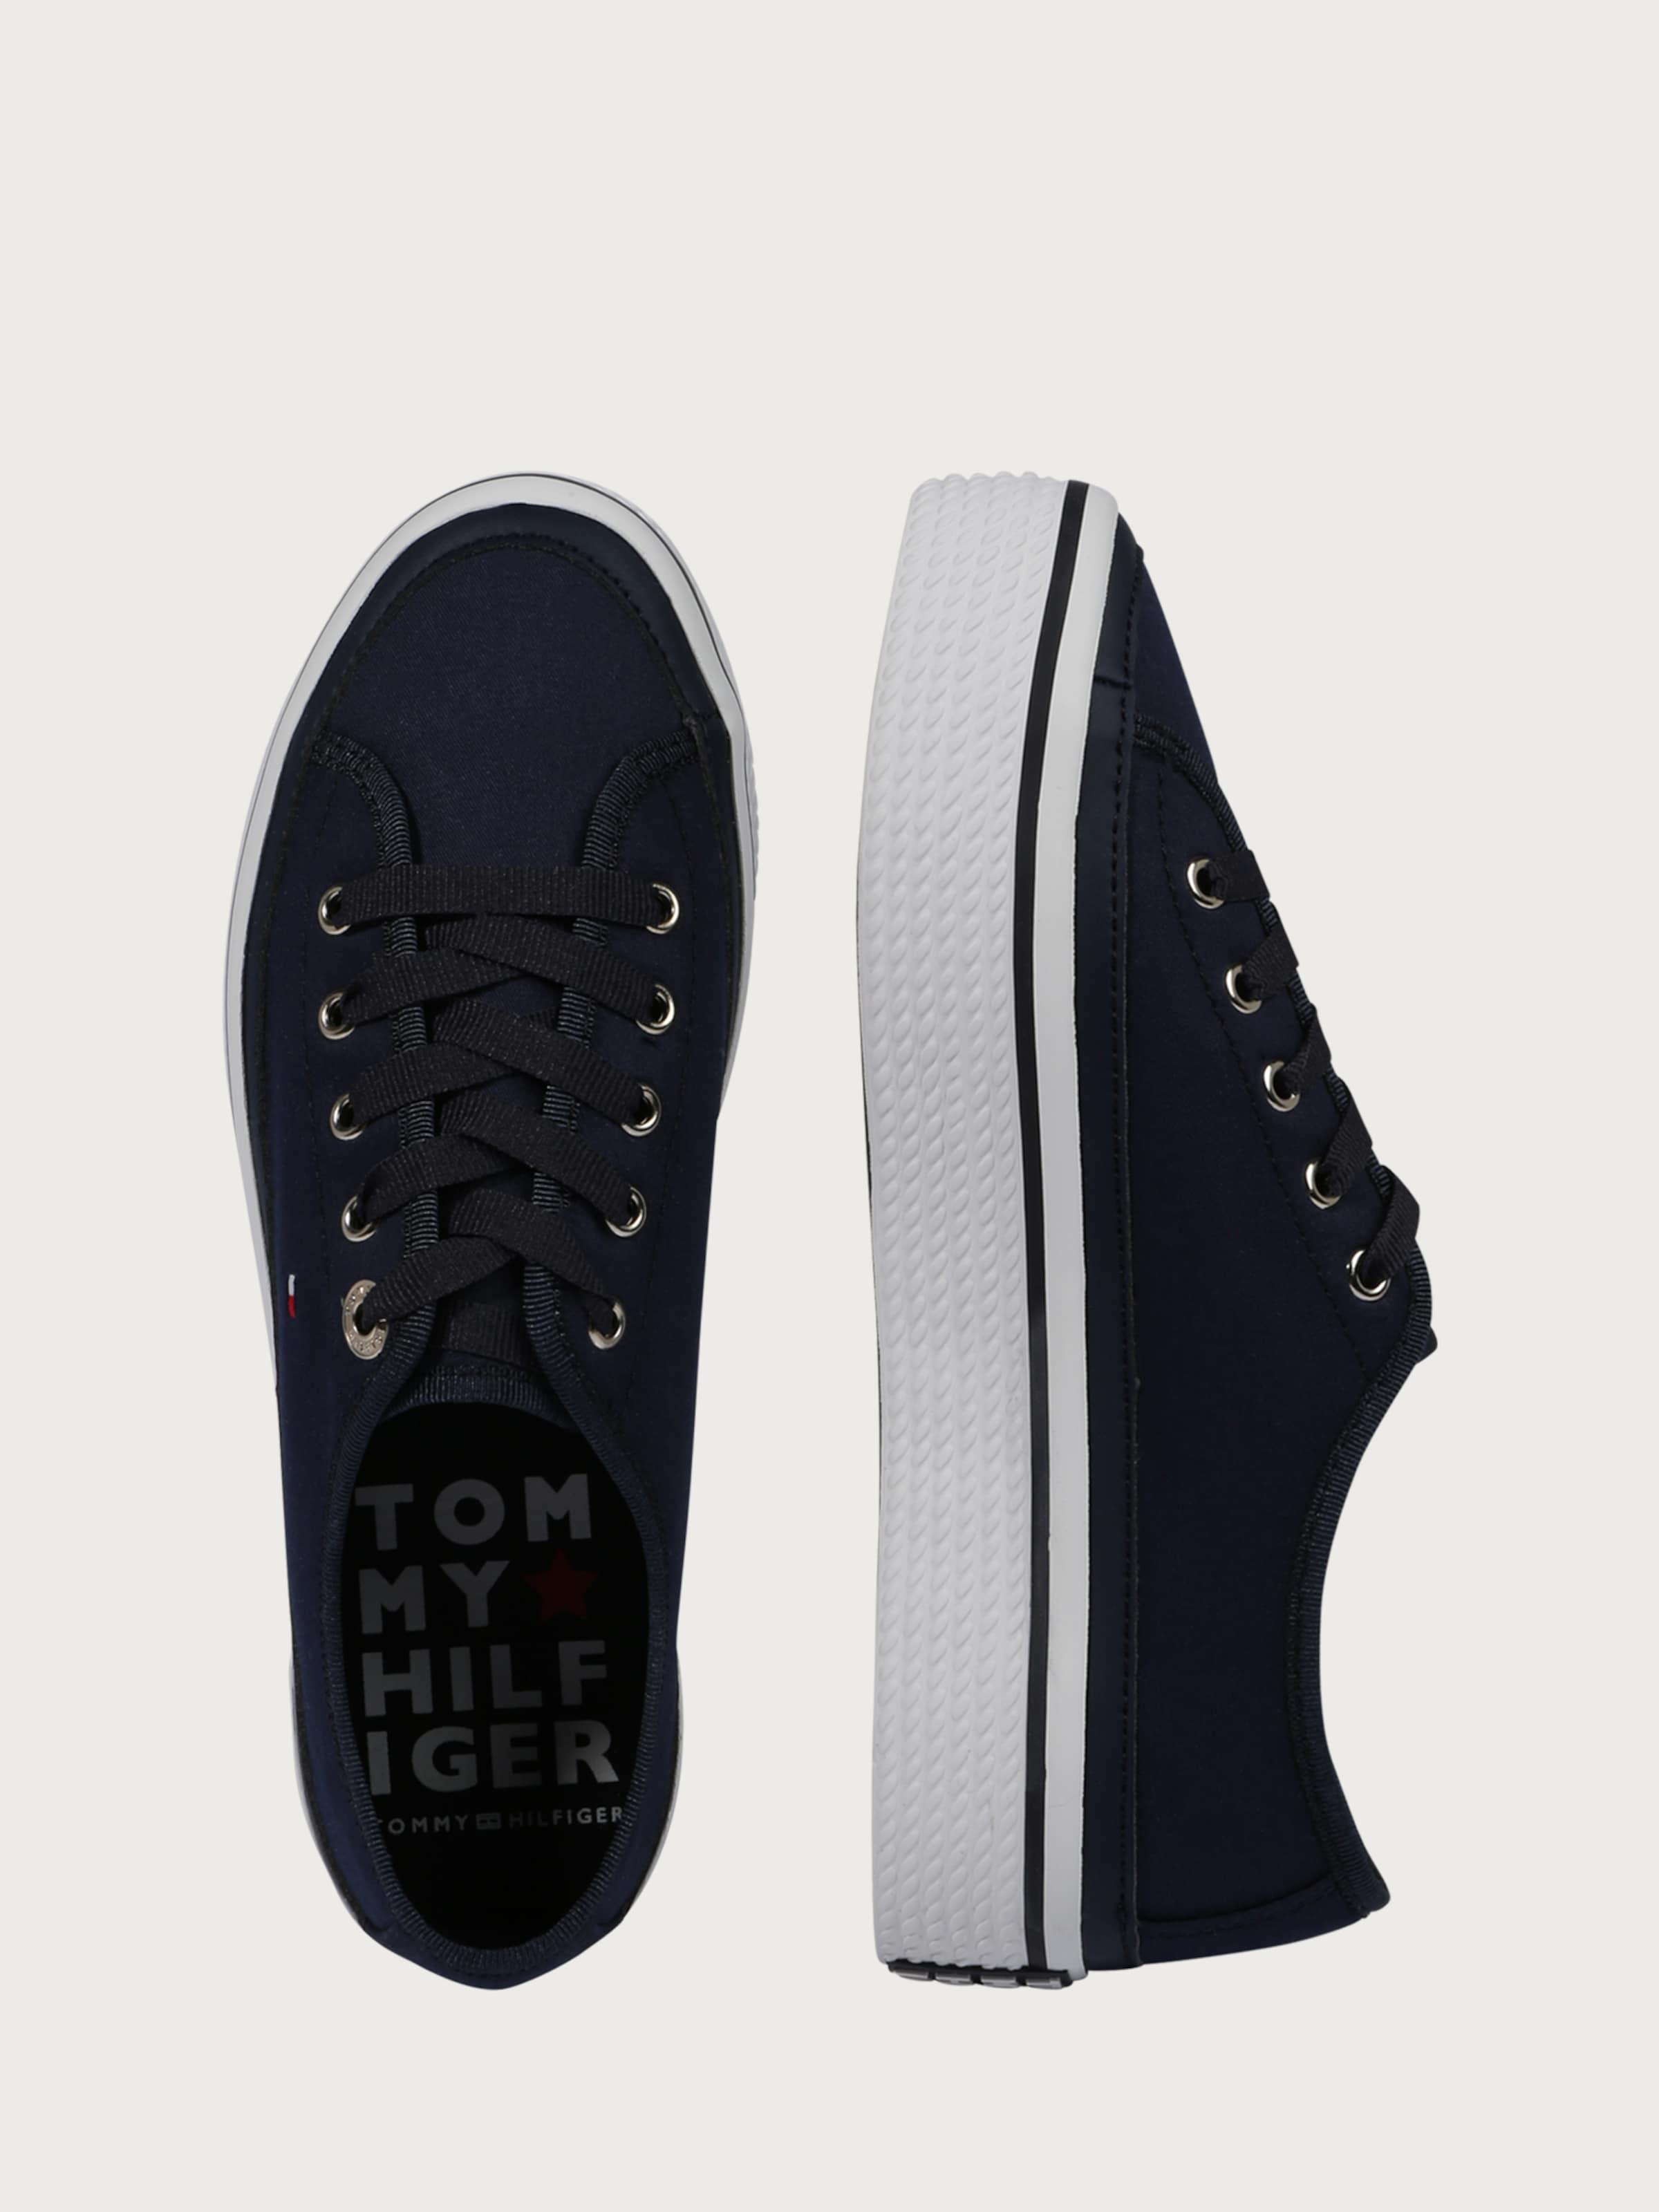 TOMMY HILFIGER Sneaker 'CORPORATE FLATFORM' Wählen Sie Eine Beste Authentisch Rabatte Günstig Online Billige Sneakernews p7A5H7EBa